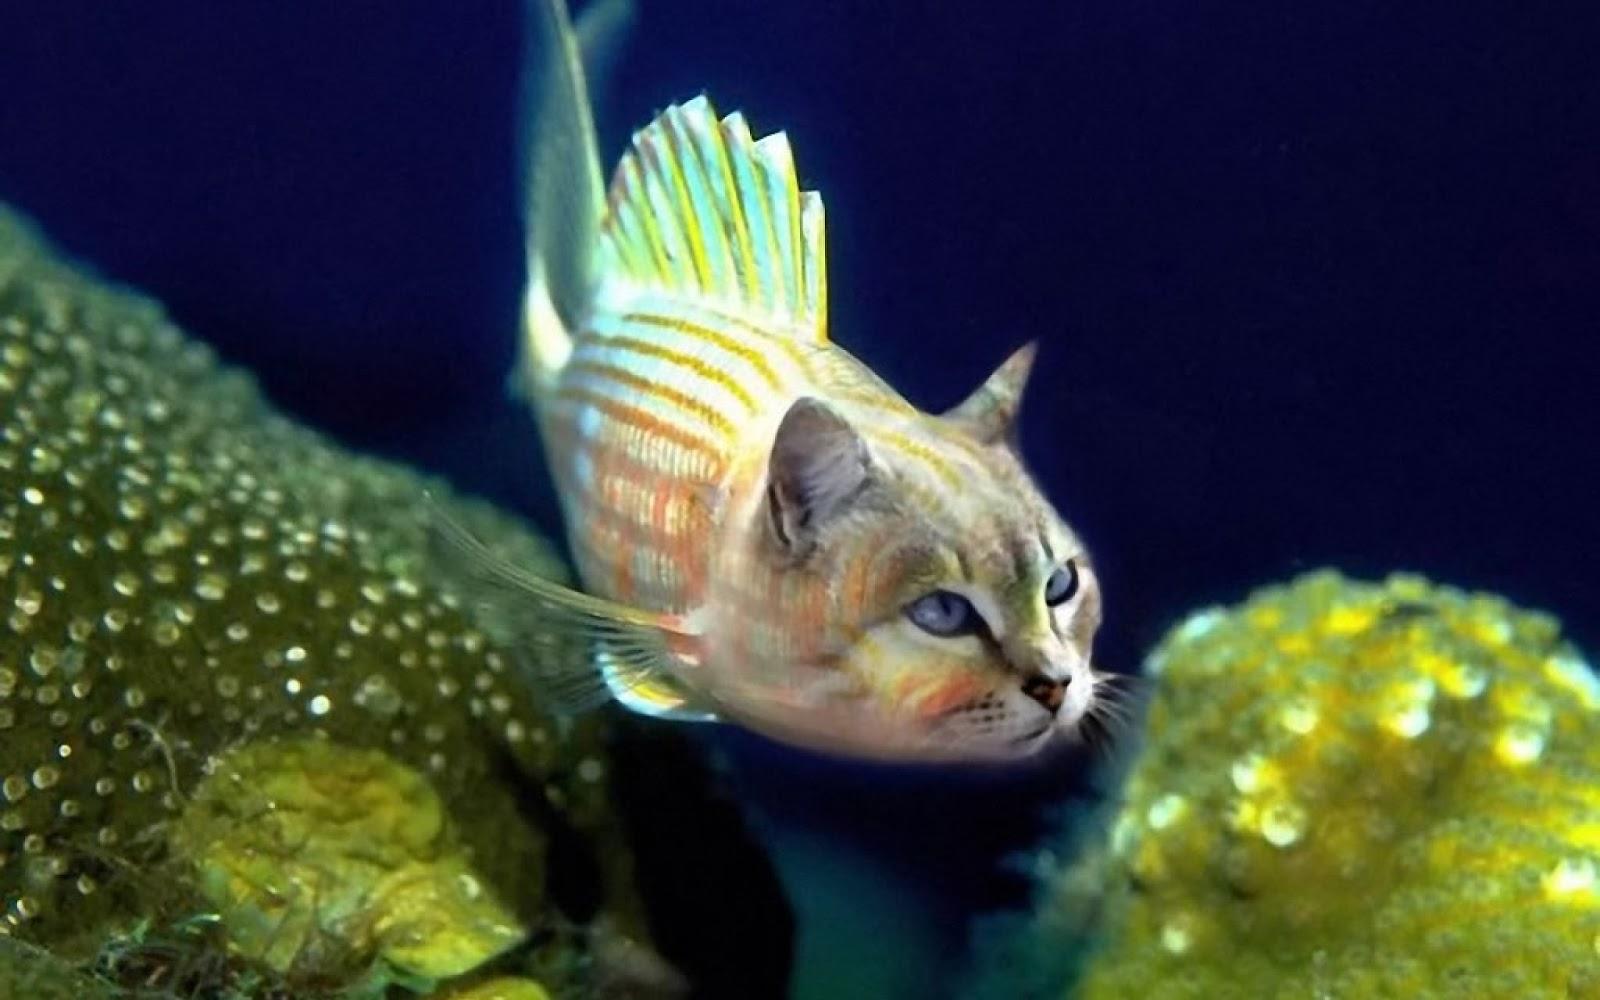 Deco led fish cat ref 1168 for Fish cat 4